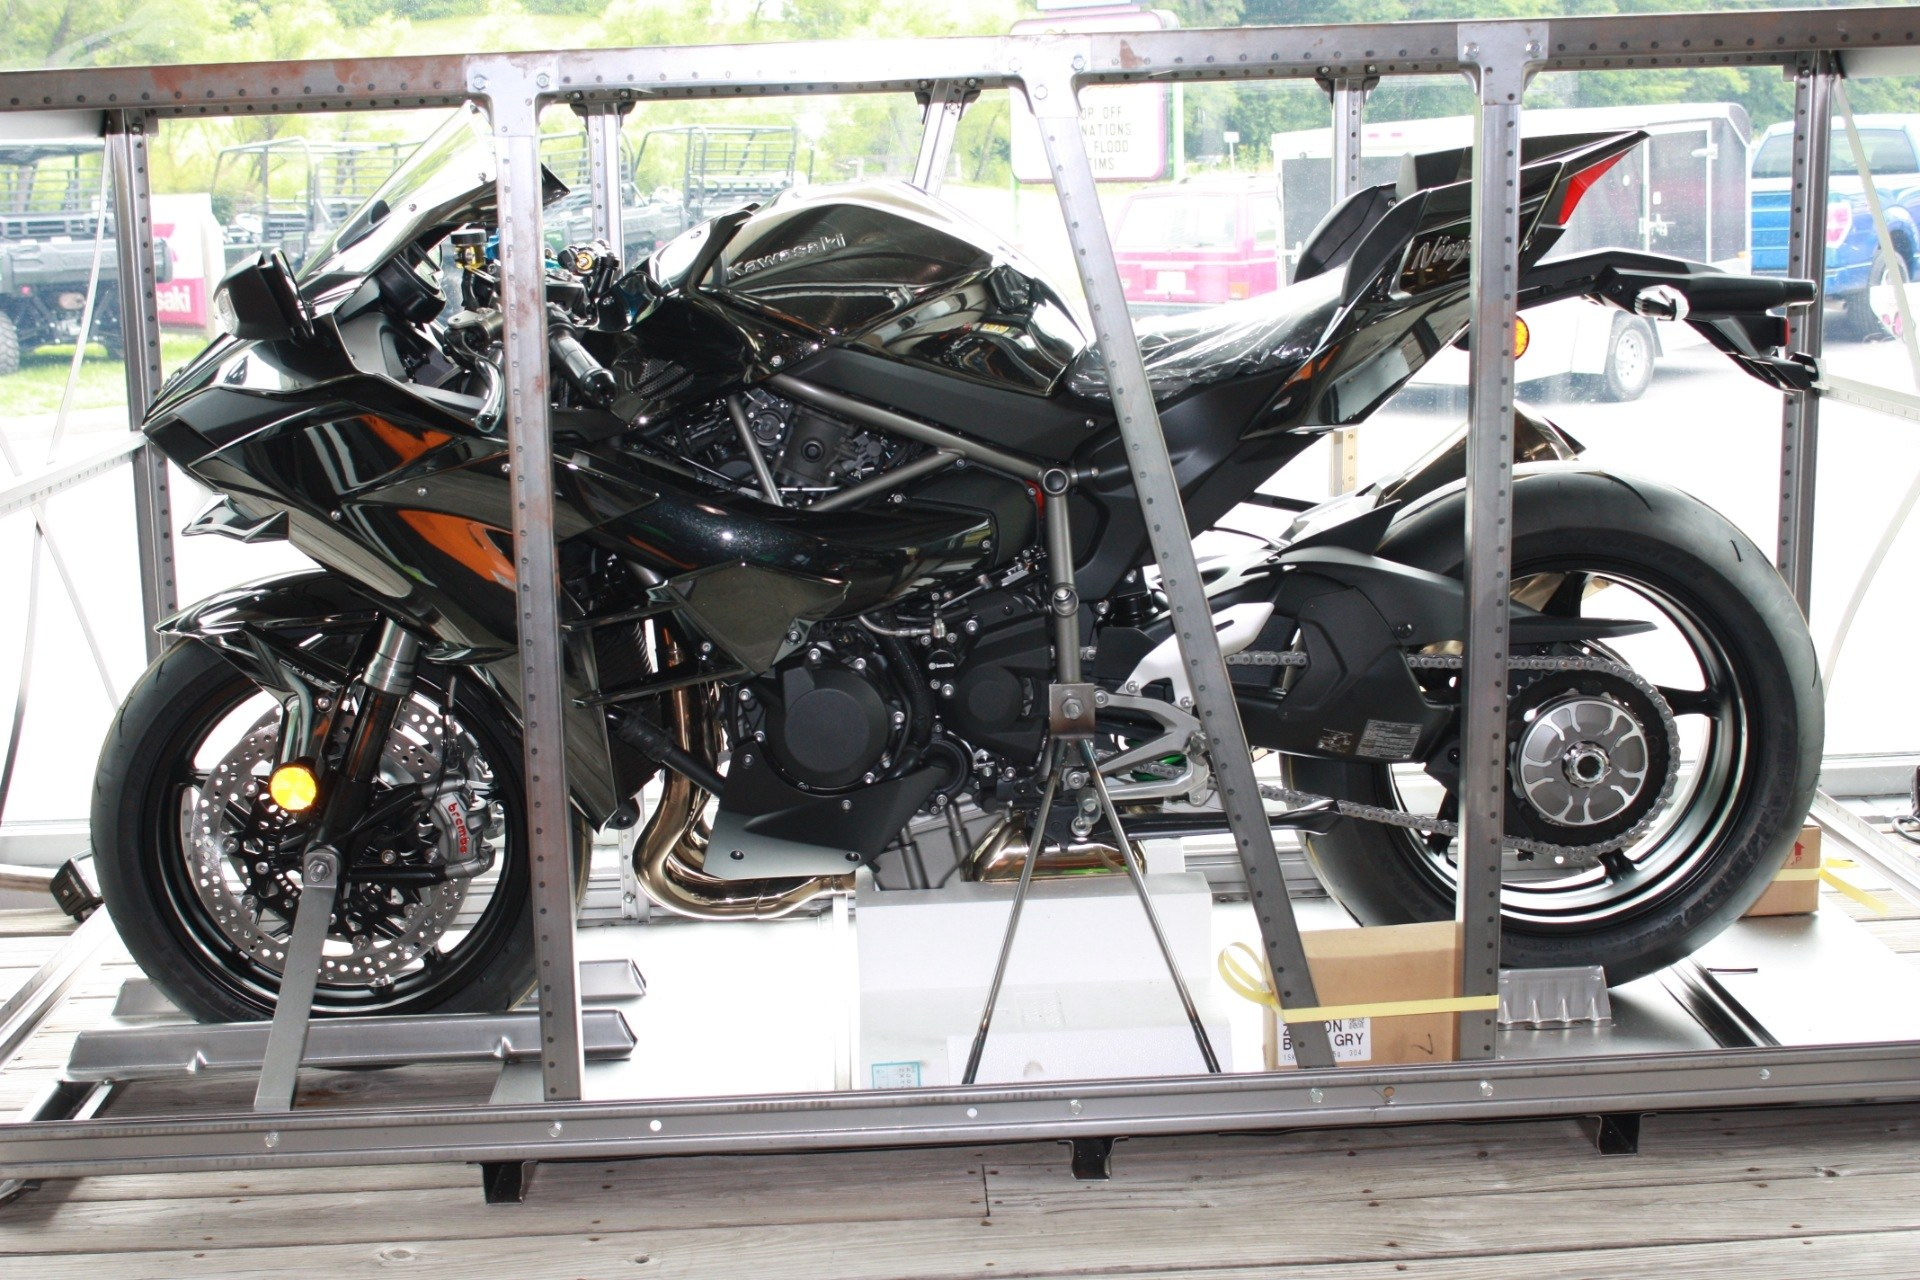 2016 Kawasaki Ninja H2 1